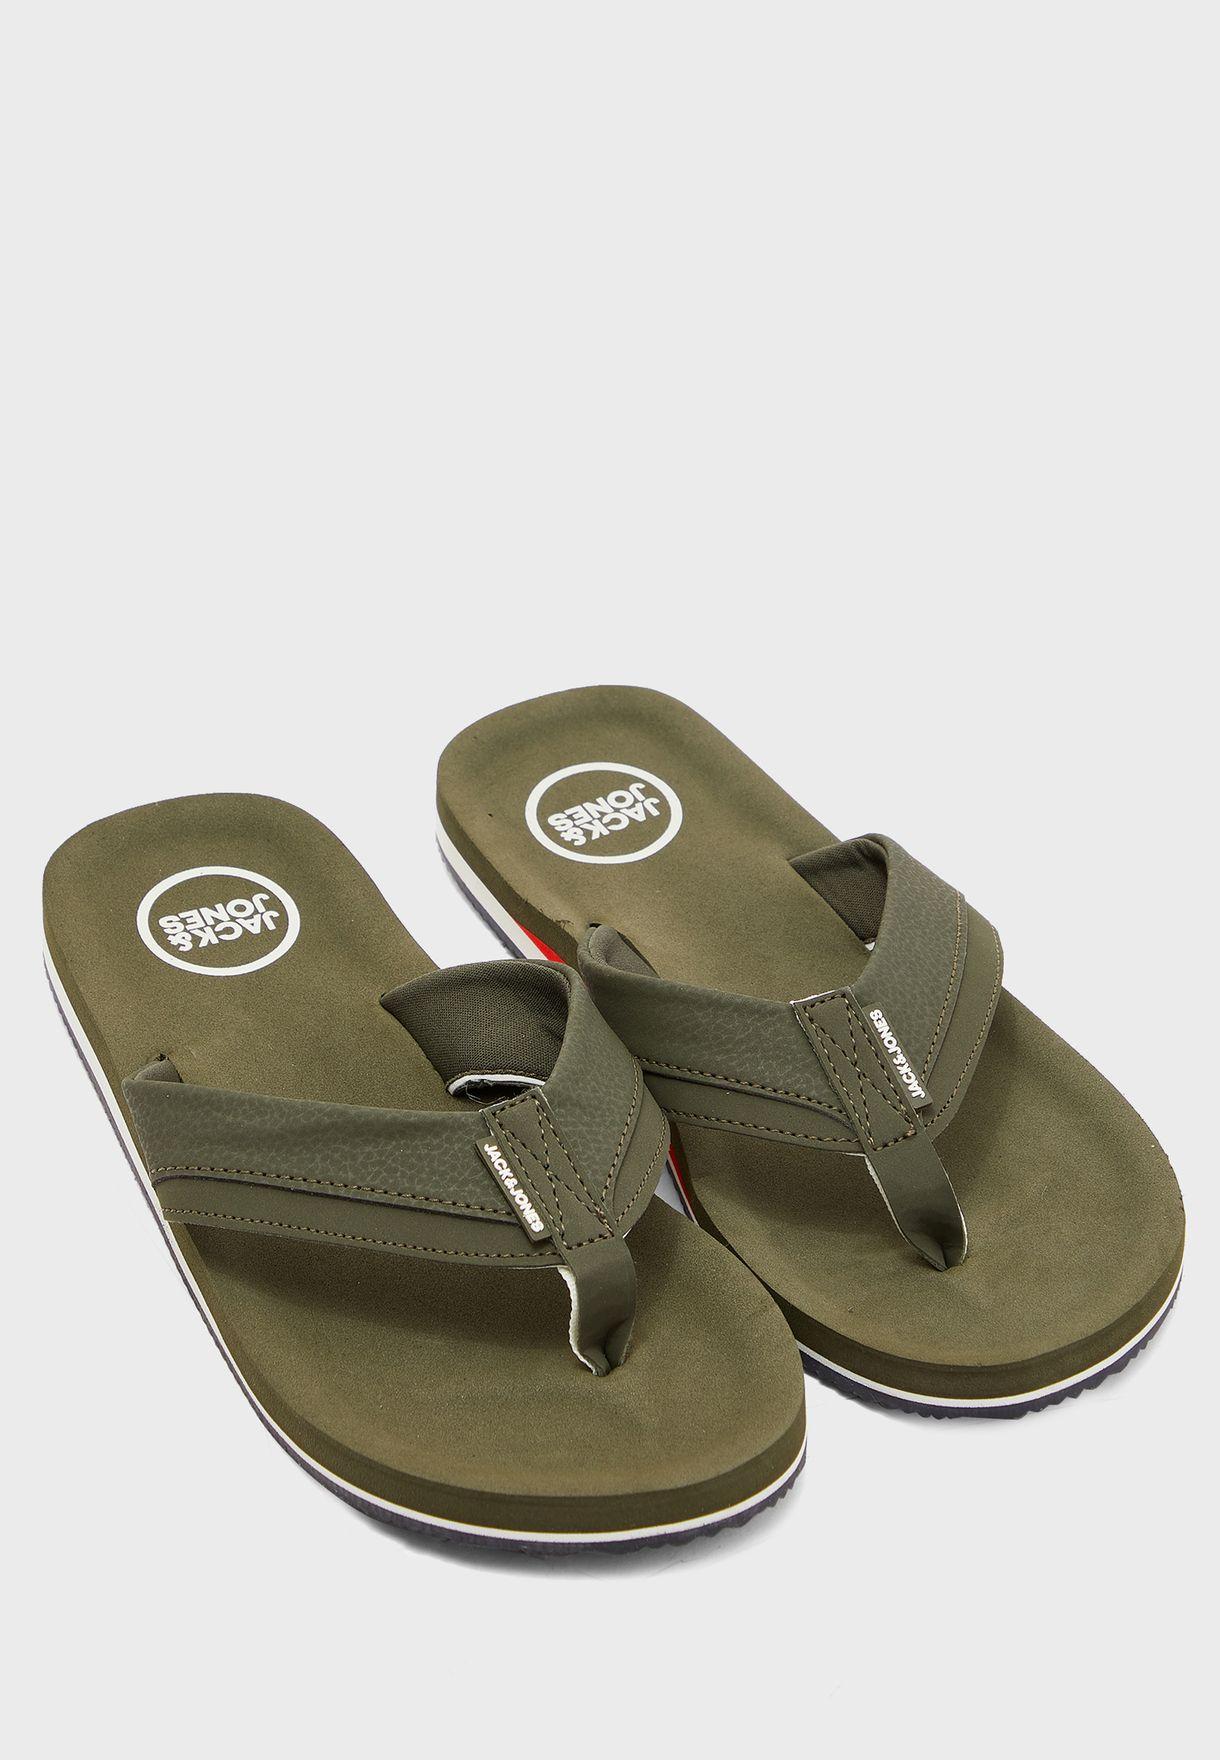 2 Pack Shaw Flip Flops